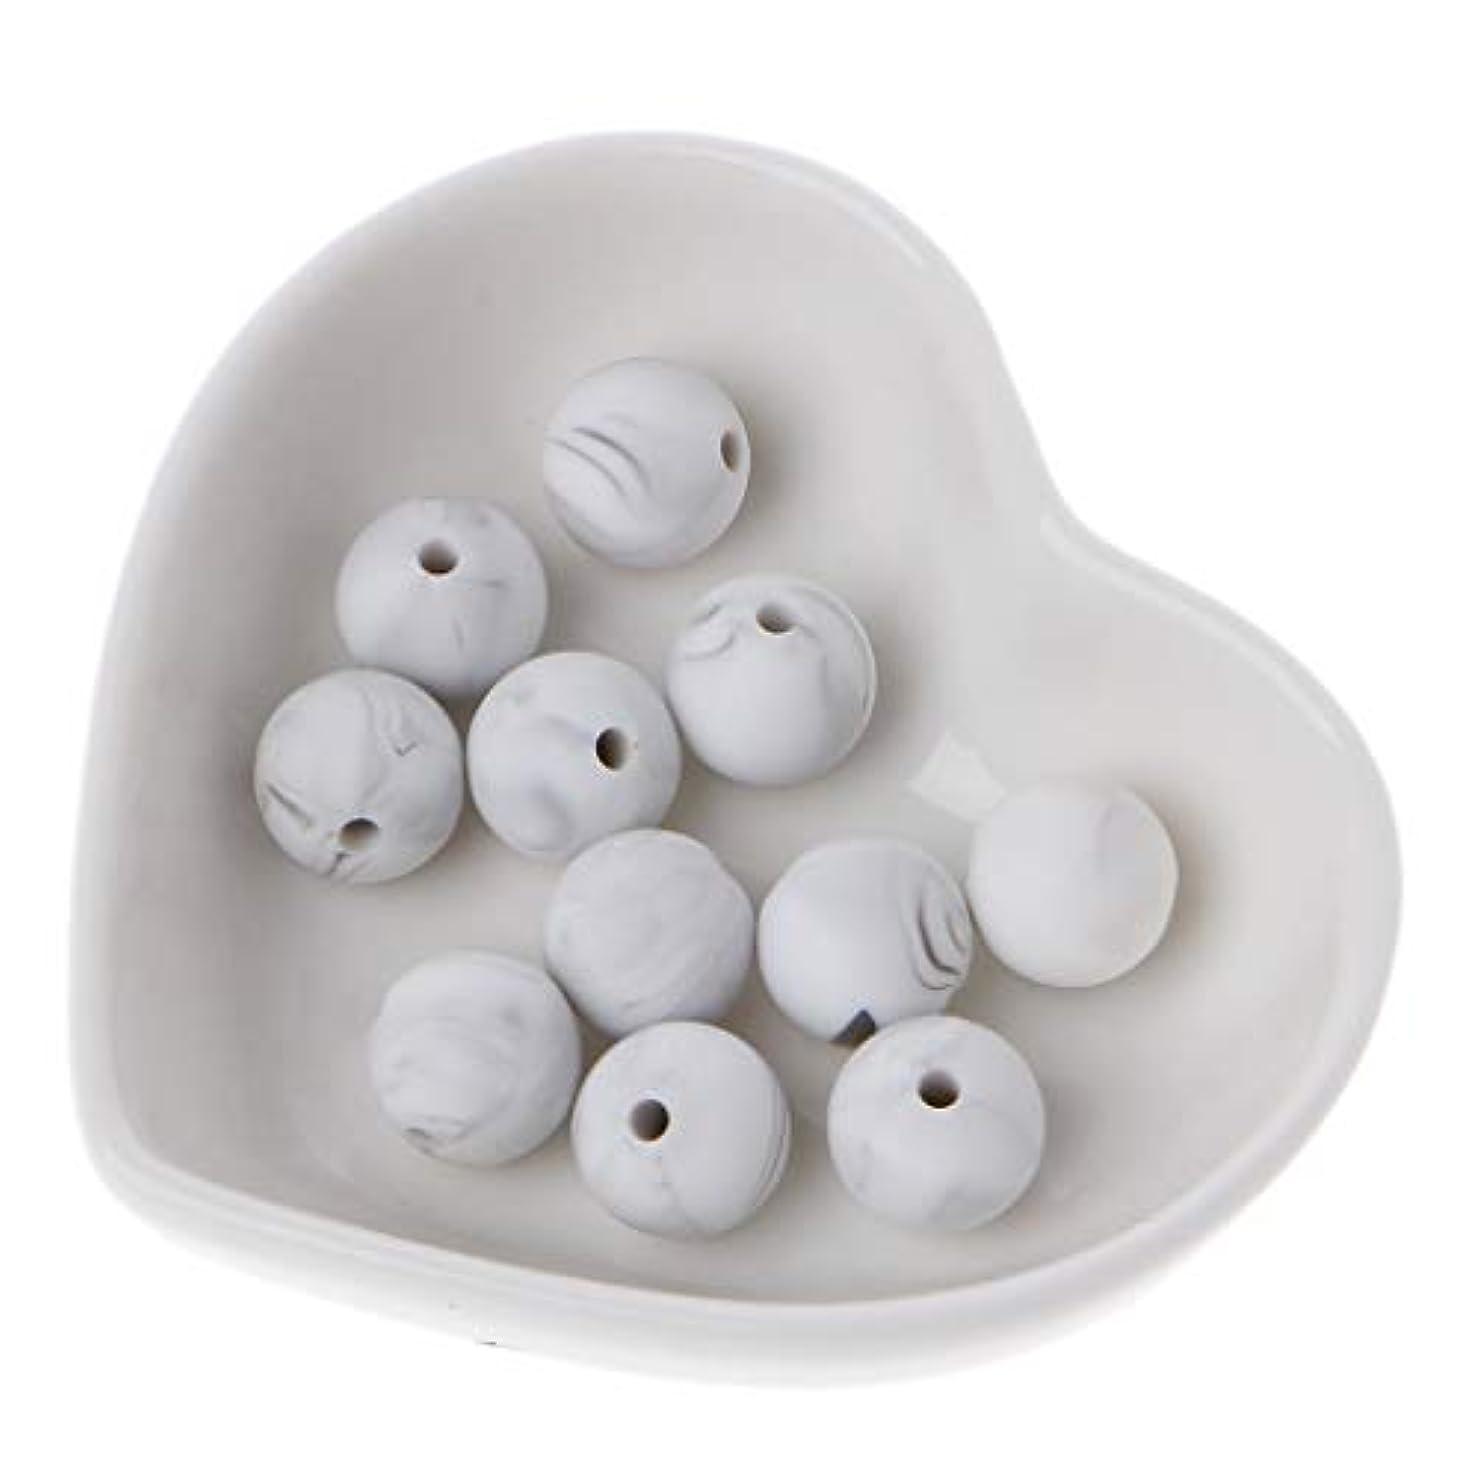 すり減る辛い軍Landdum 10個シリコーンビーズ40#大理石ホワイトシリカビーズ赤ちゃんのおもちゃdiyおしゃぶりチェーンアクセサリー - 12ミリメートル